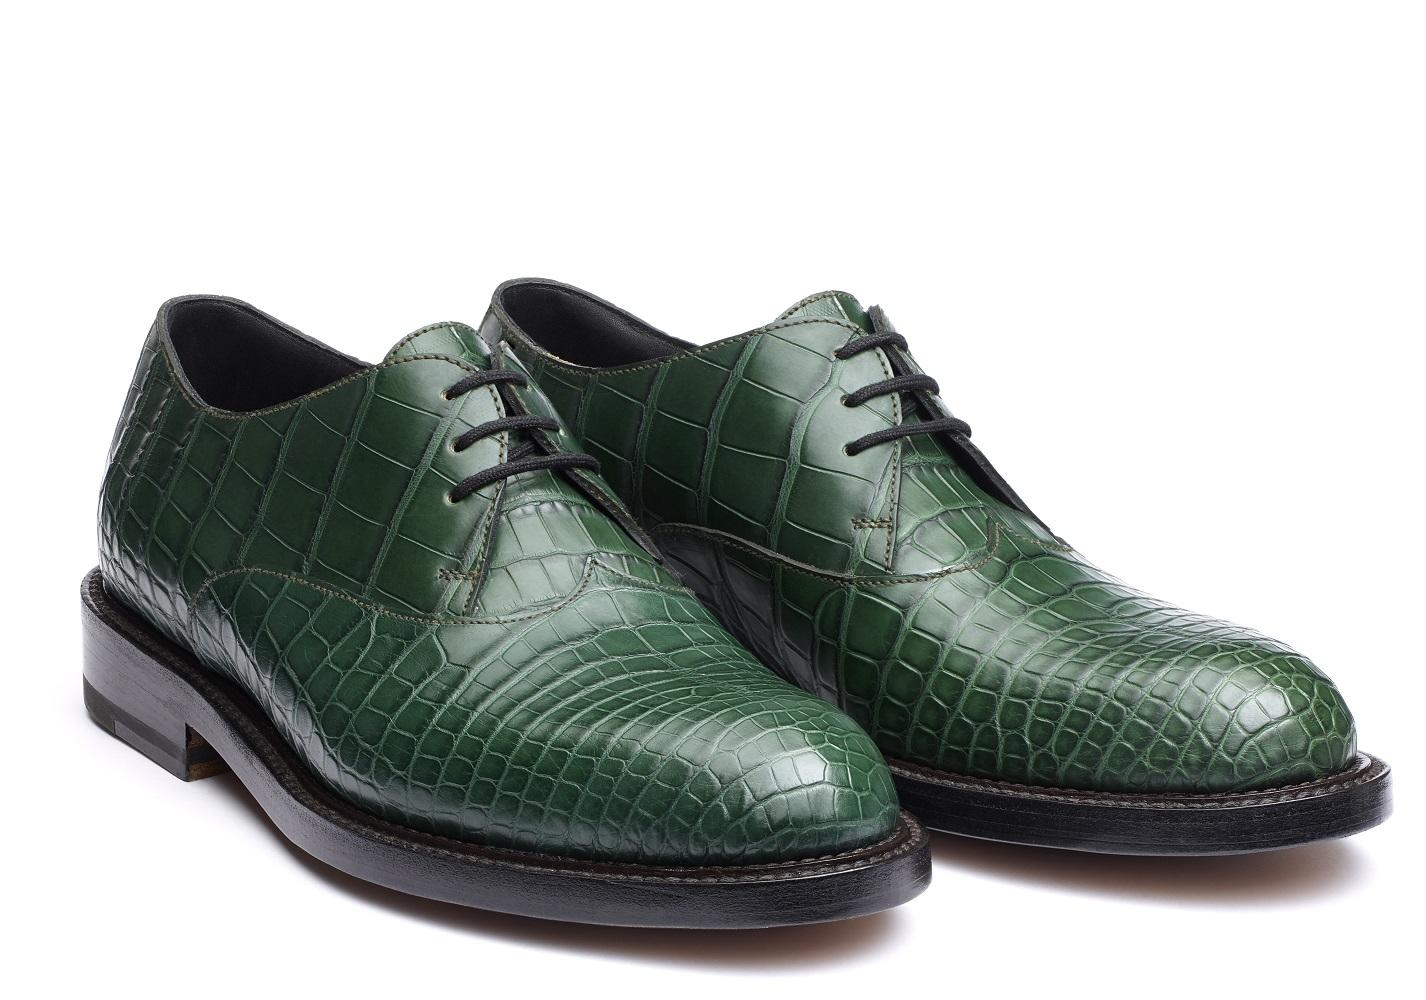 Chaussures weston prix usine